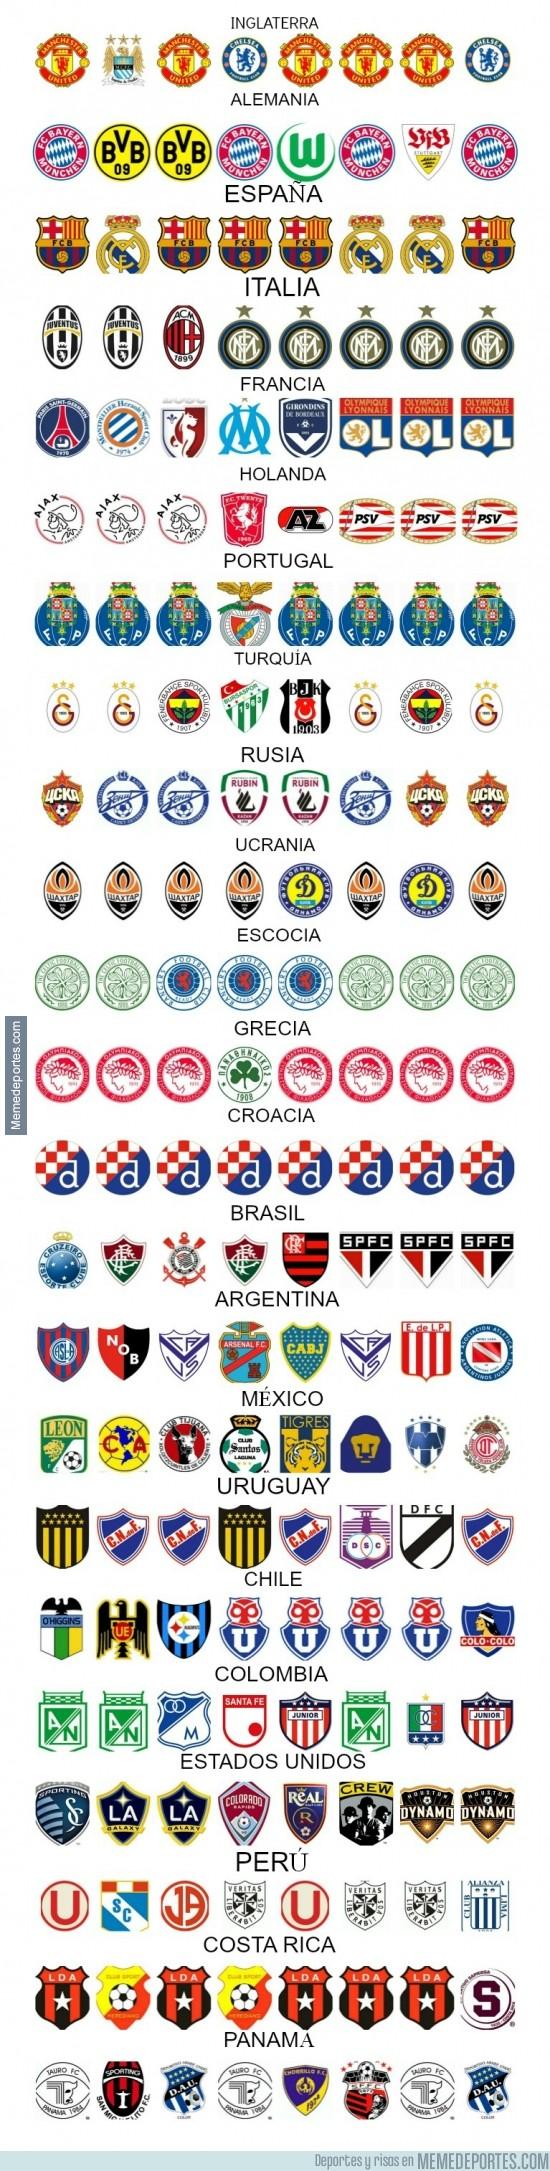 257696 - Últimos ocho campeones de varias ligas de Europa y América